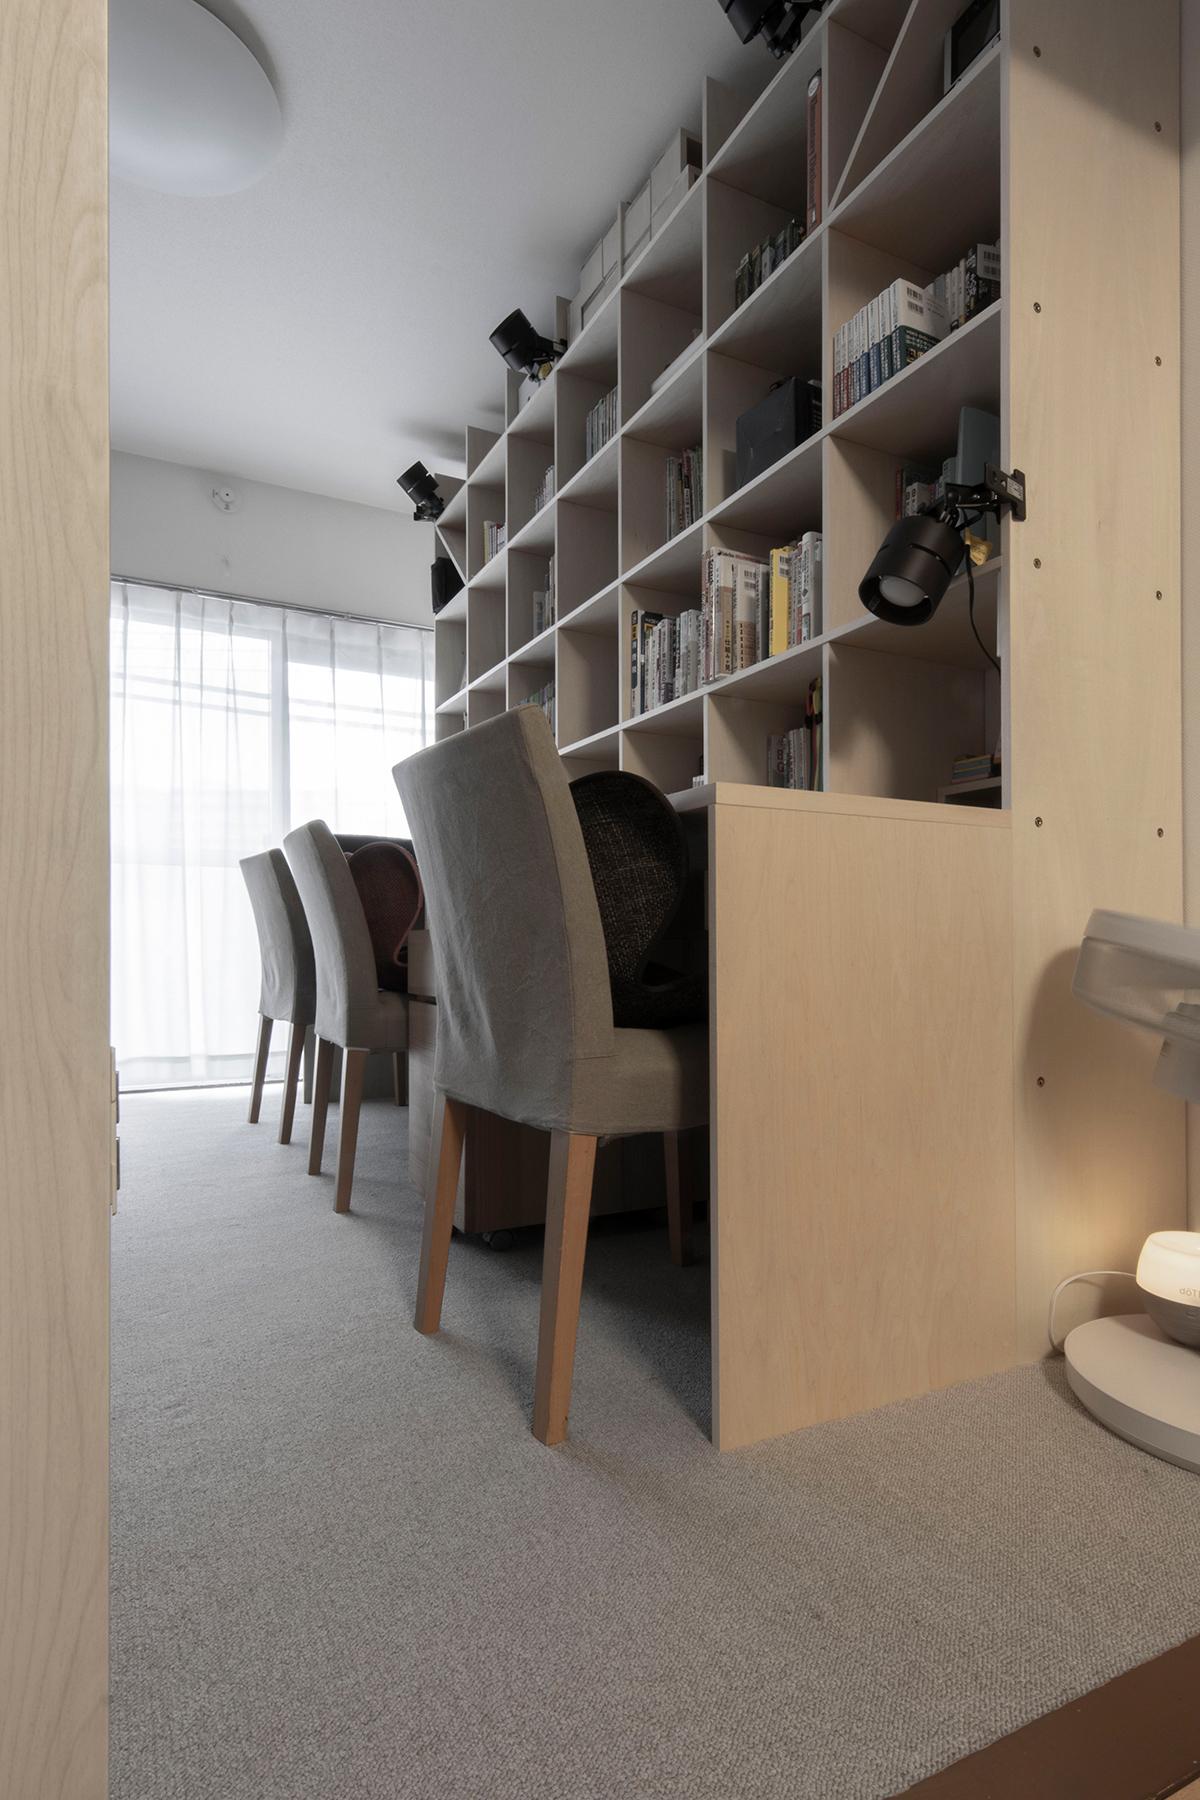 カウンター付き本棚のある子供部屋 | カウンター付き本棚/Shelf(No.29)